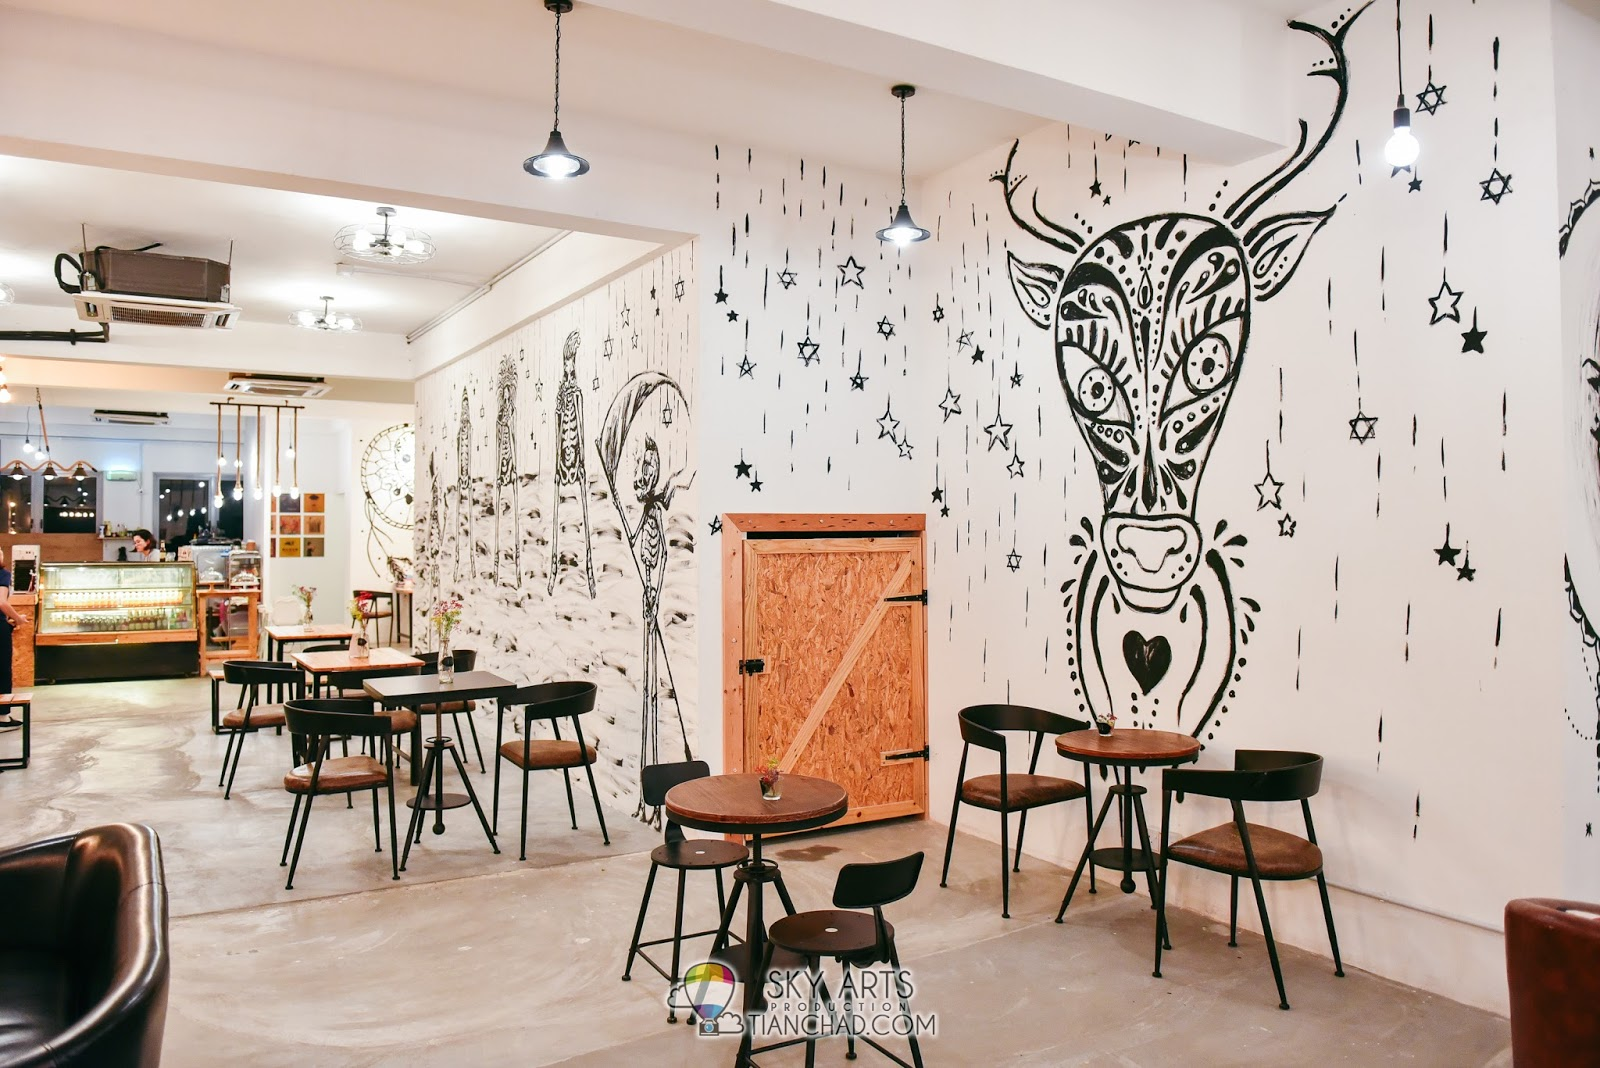 HIPPIE CAFE】 - The Hidden Gem In Kepong Jinjang Utara